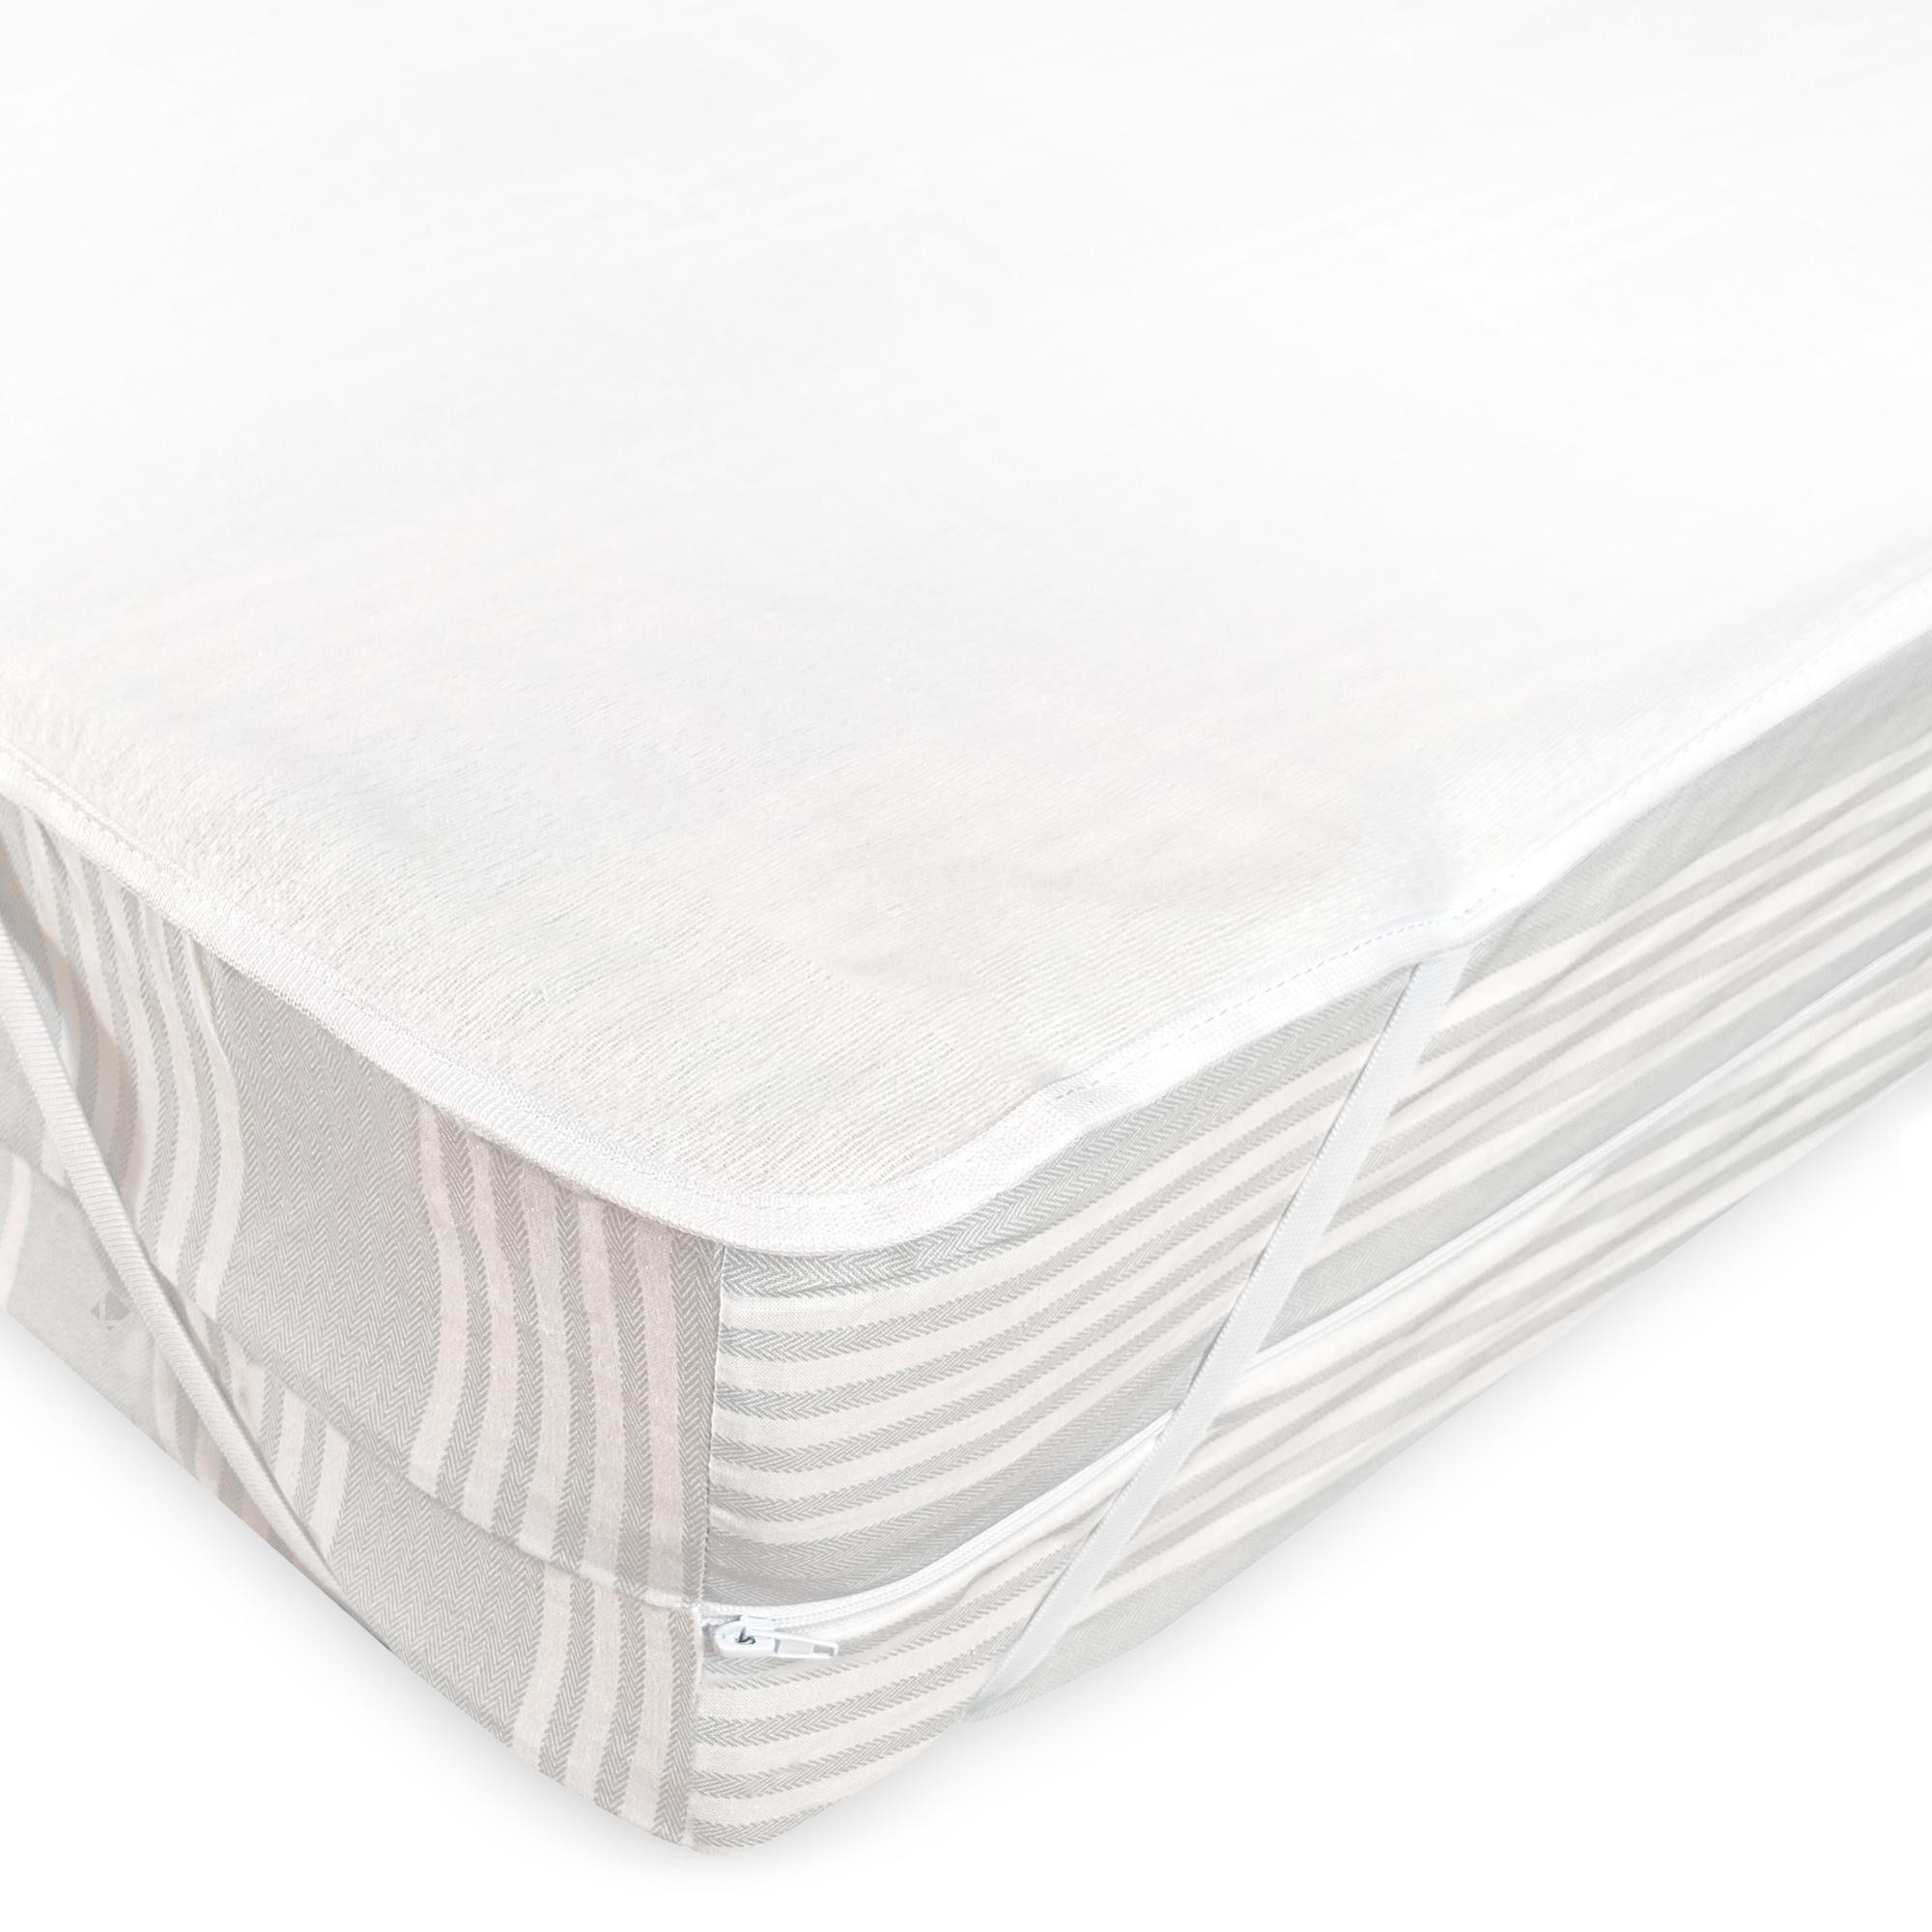 Linnea Alèse plate imperméable 140x190 cm ARNON molleton 100% coton contrecollé polyuréthane